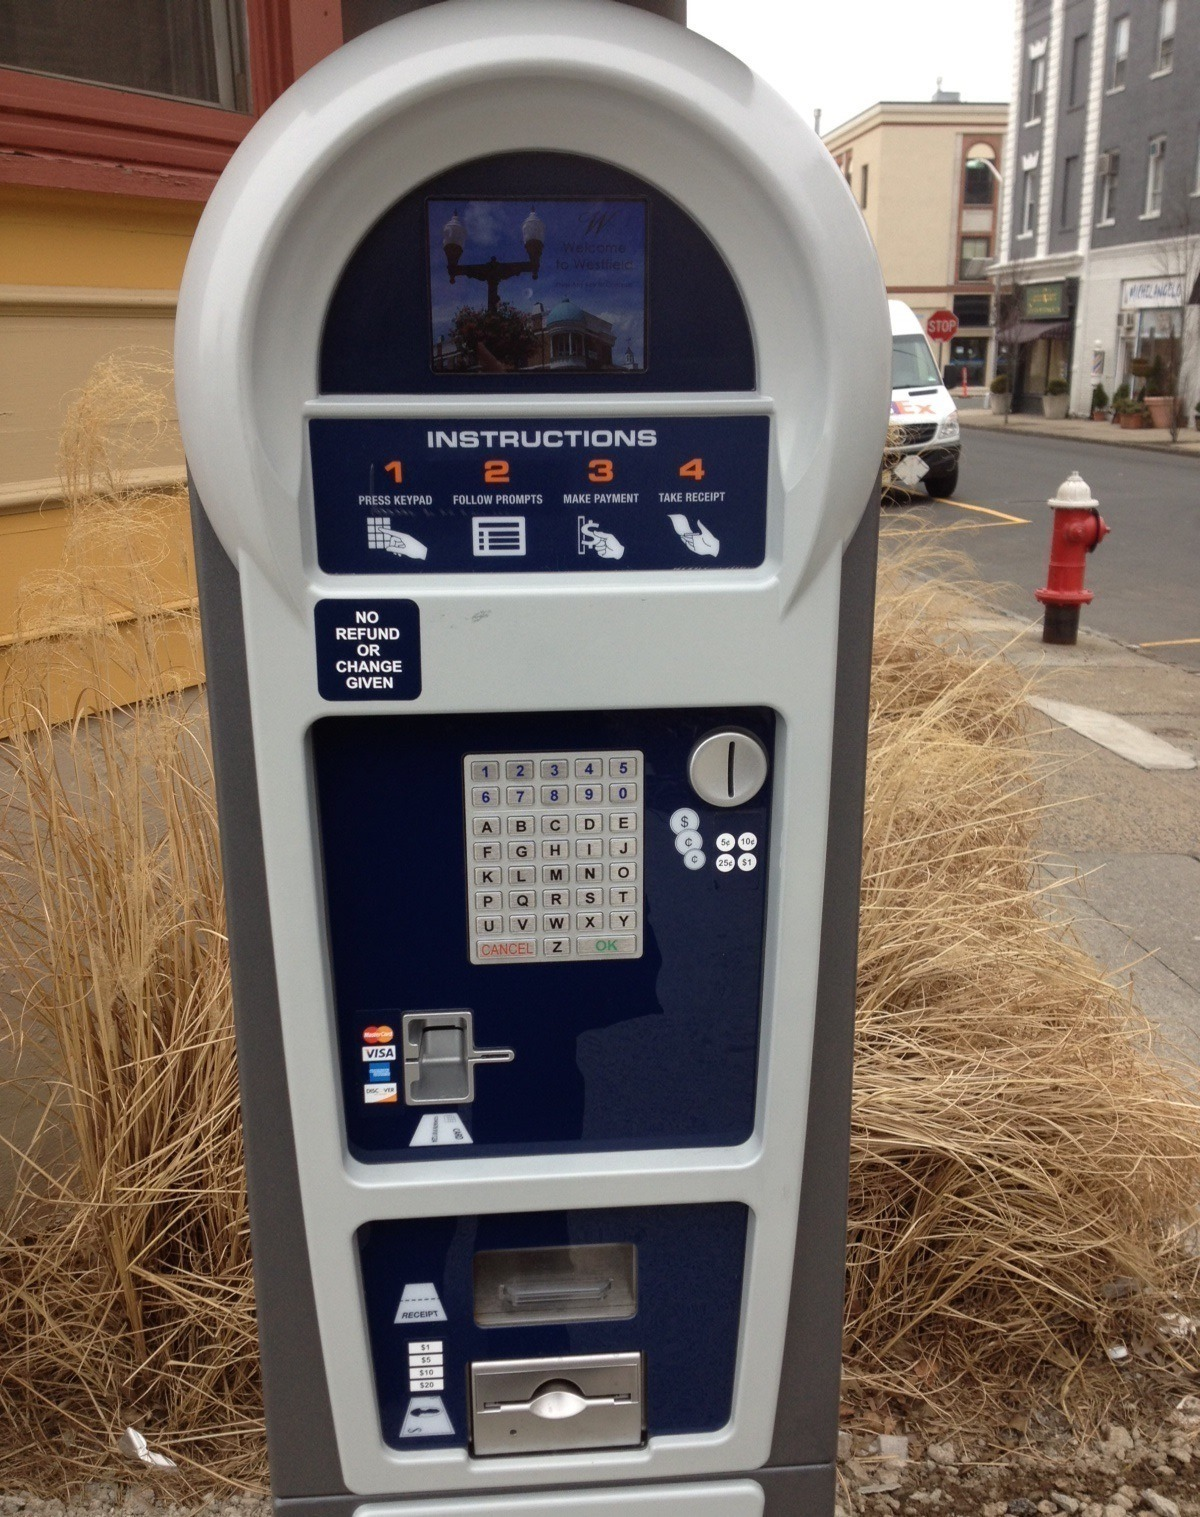 5385bd06ca50e77c8f9f_parking_meter_1.jpeg